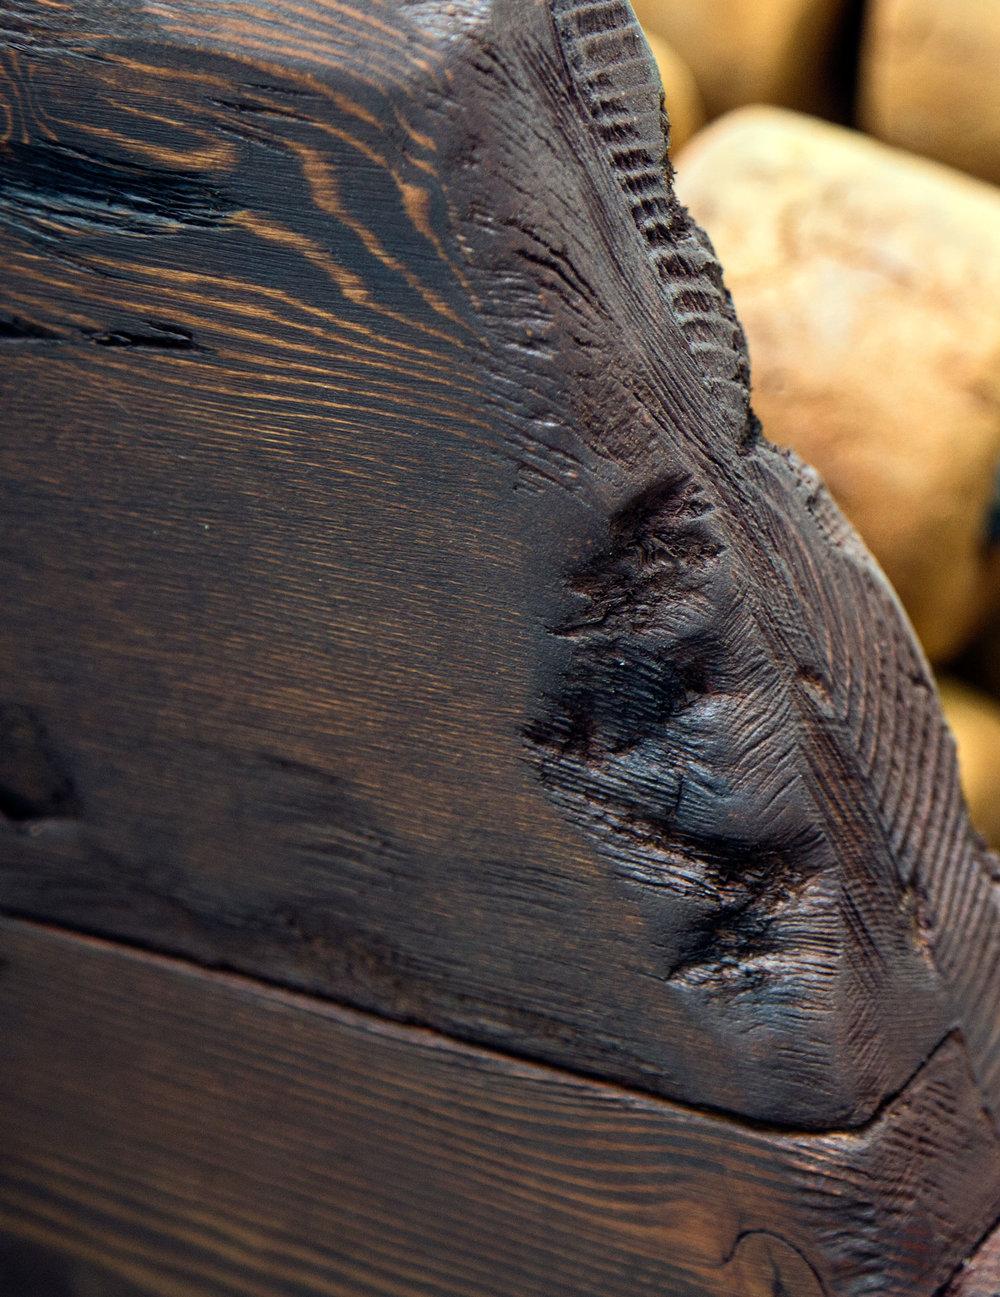 web-wood-detail.jpg